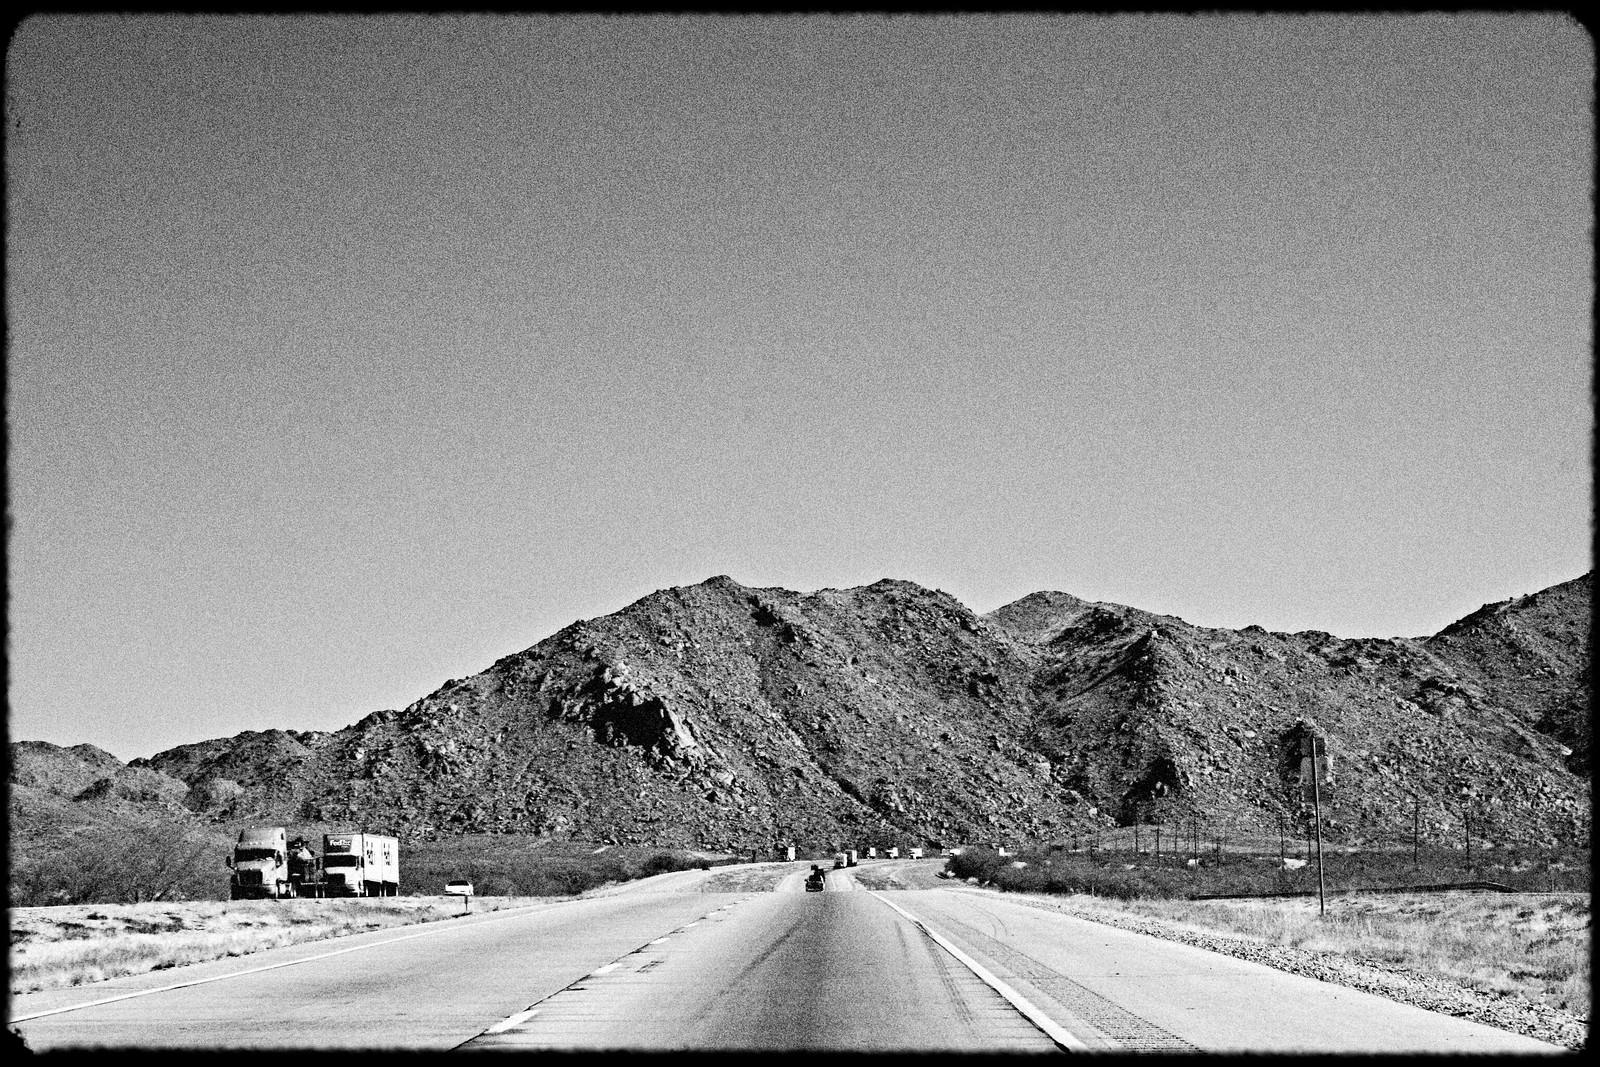 West Texas Mountains, 2006